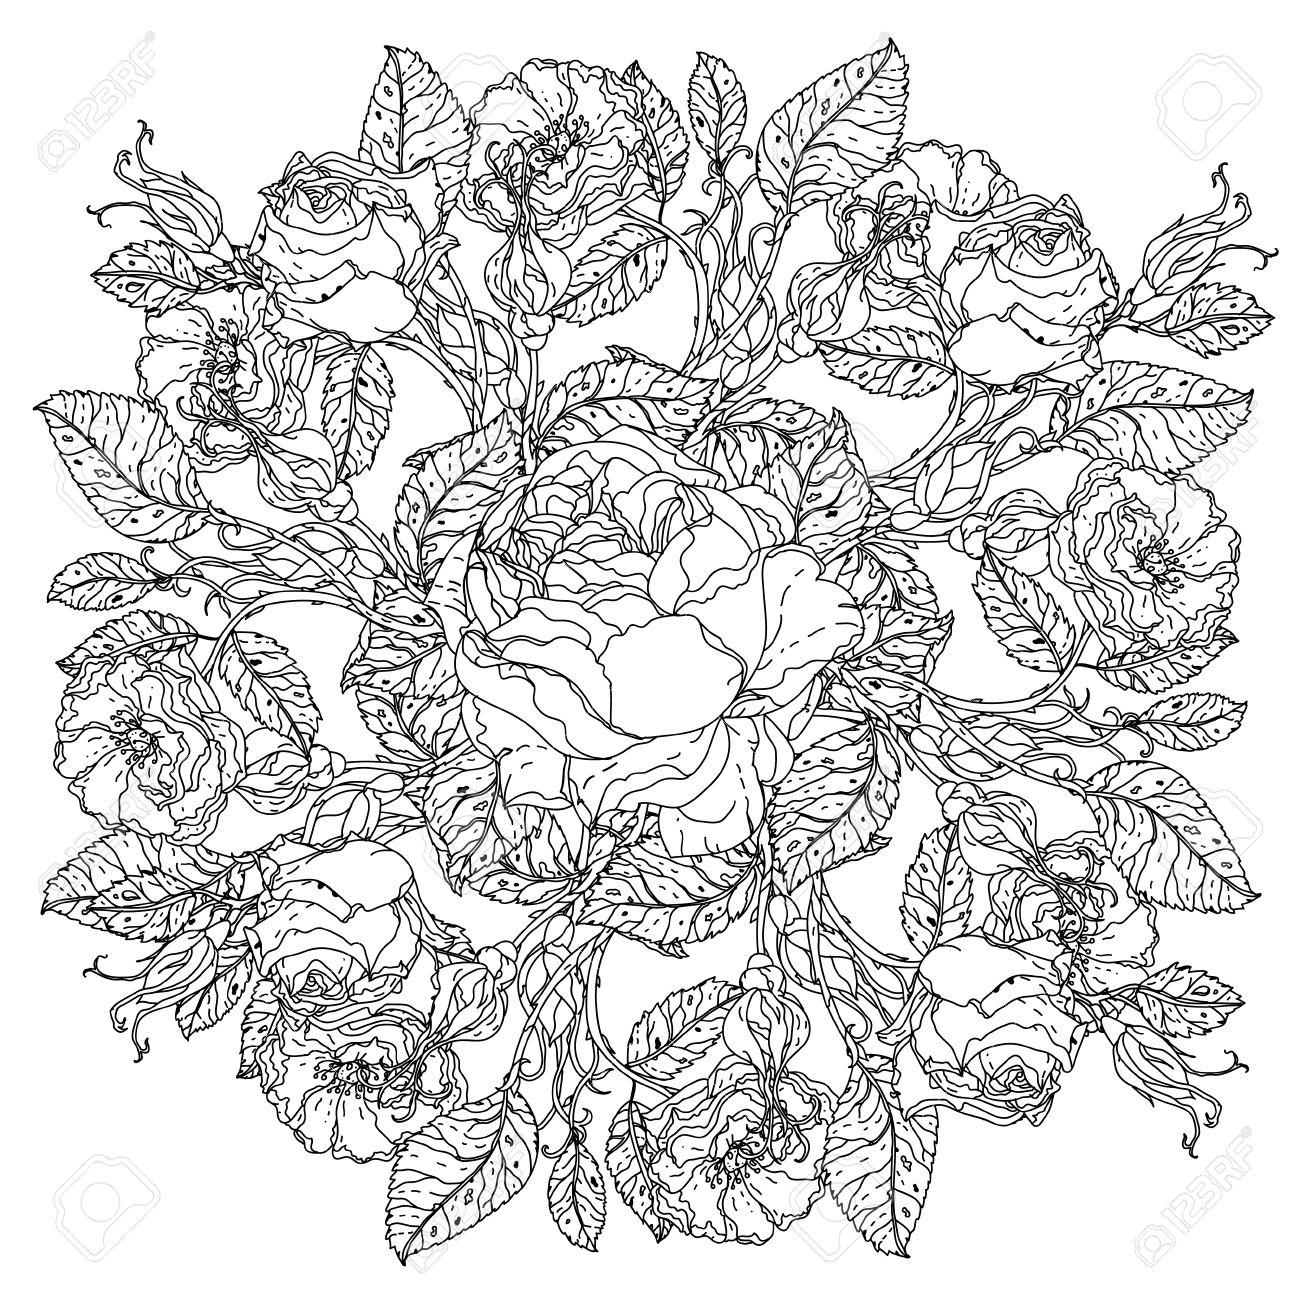 Fleurs En Forme De Mandala Dans Le Vieux Bouquet De Style Maîtres Pour  Livre De Coloriage Pour Adultes Ou Pour Zen Art Thérapie Anti Dessin Stress.